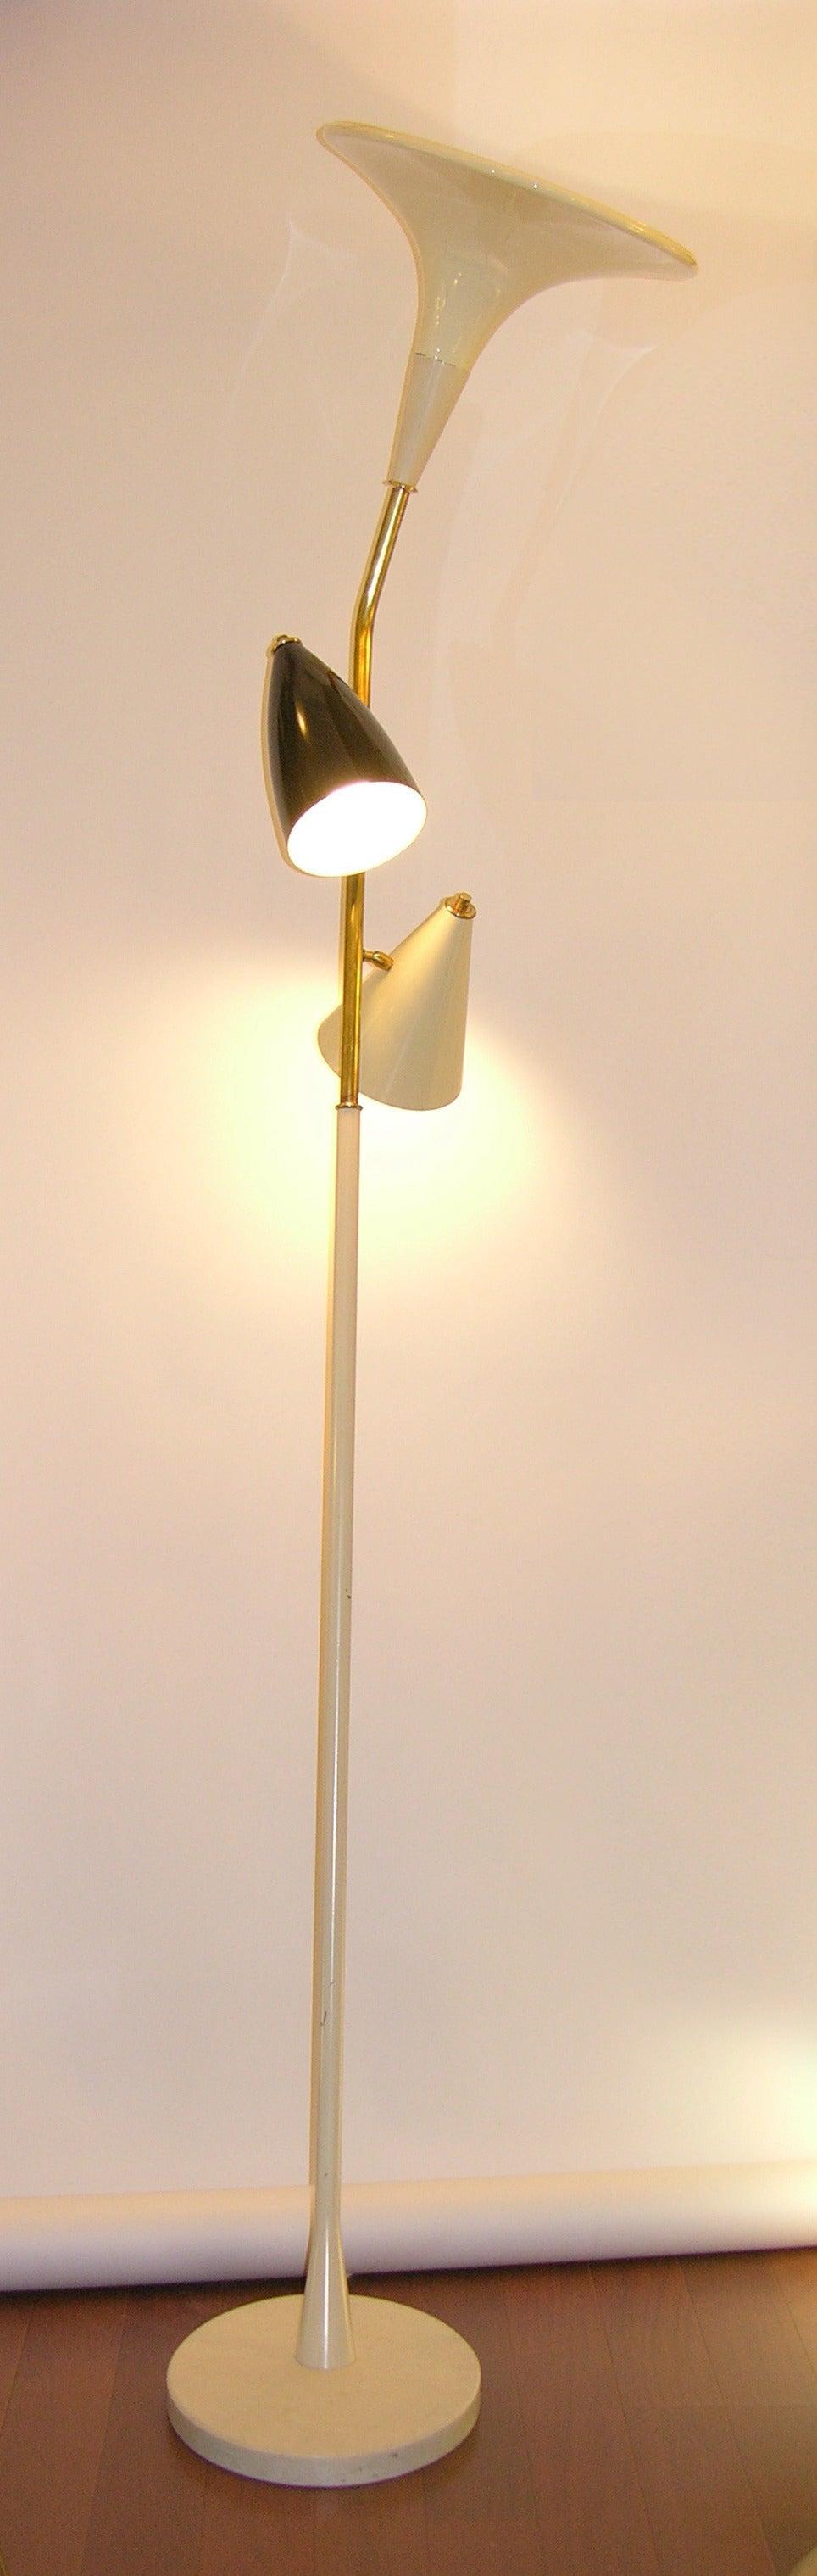 1960s Italian Black And Ivory White Modern Floor Lamp In